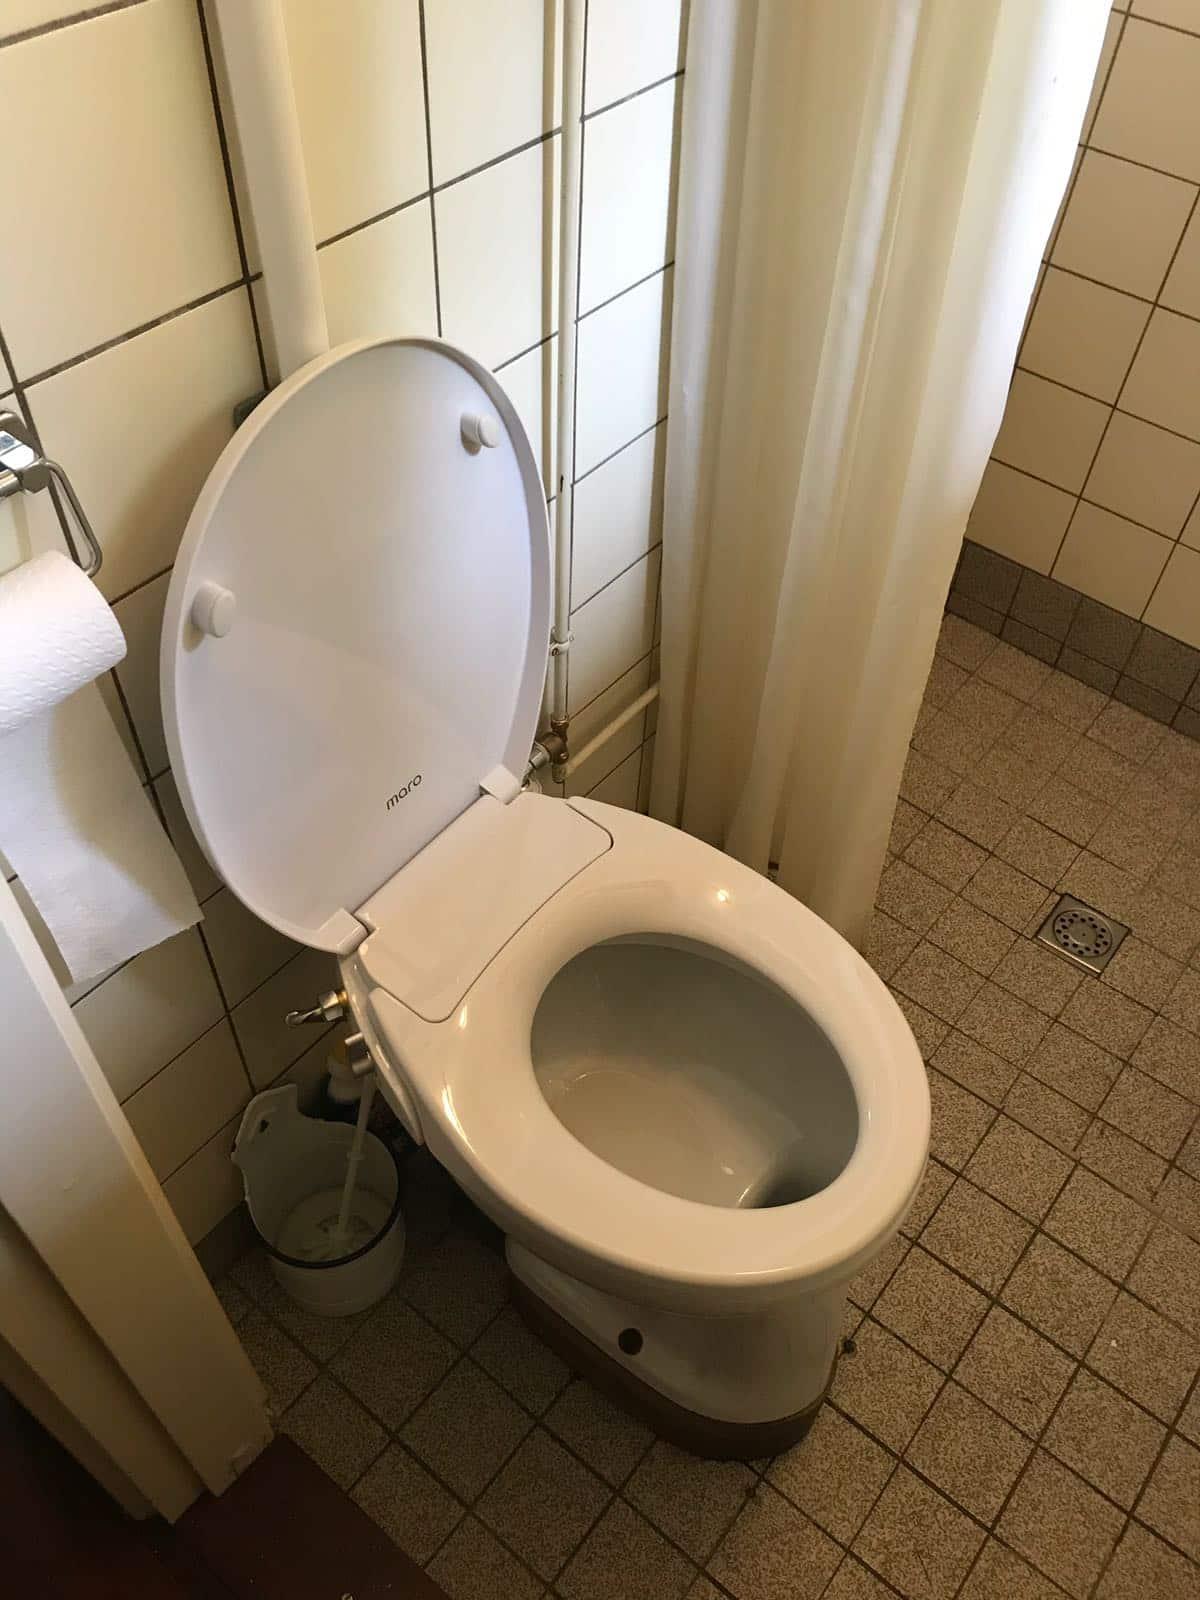 Installatie Maro FB108 douchewc op staande toilet